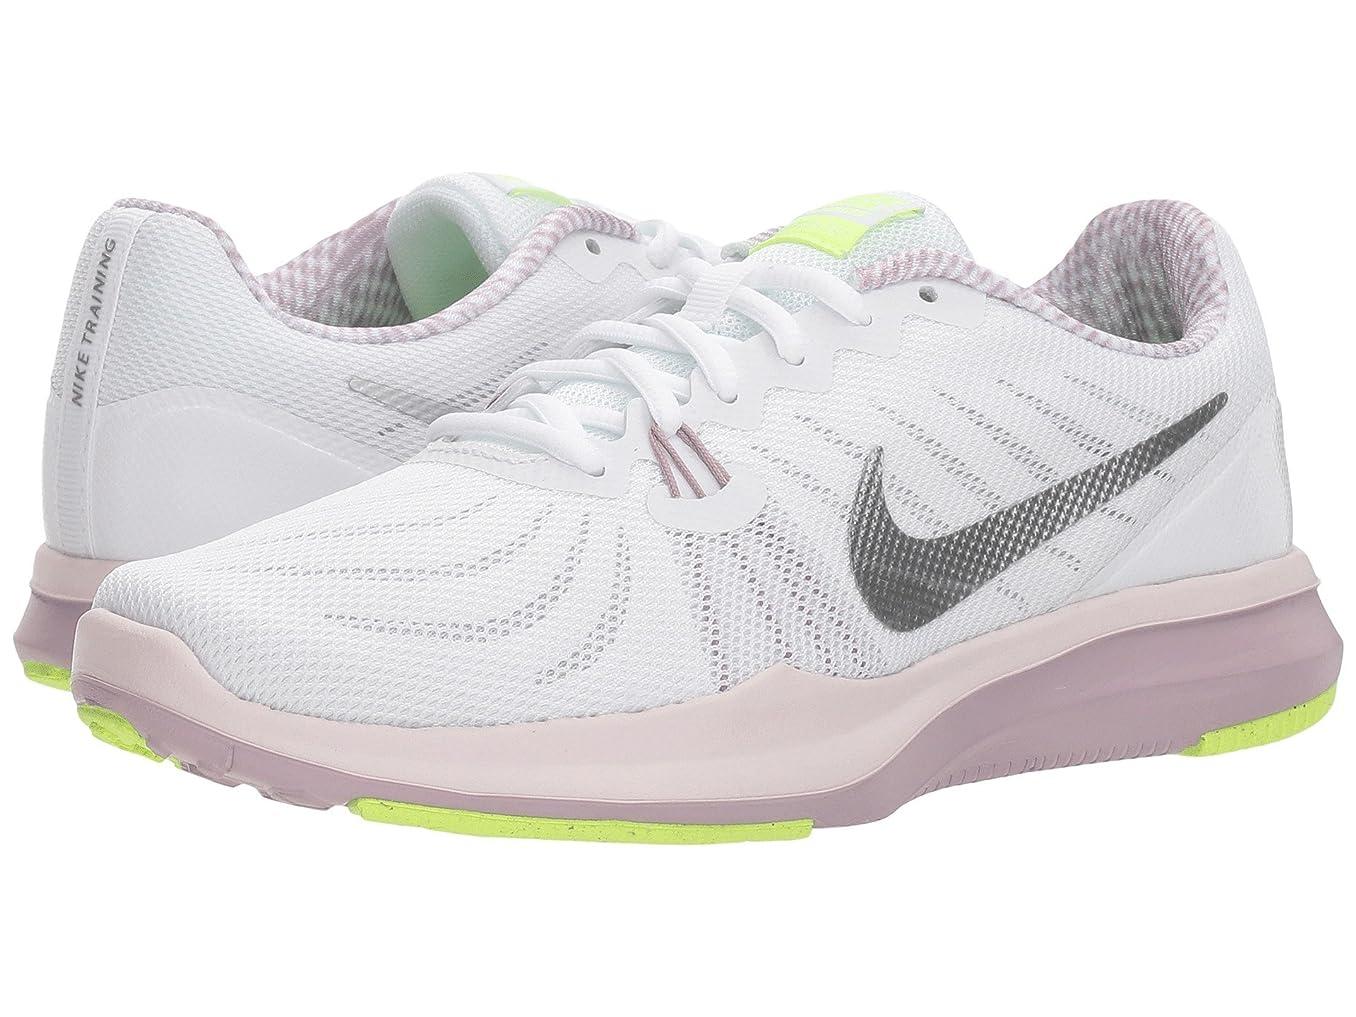 涙測定可能復讐(ナイキ) NIKE レディースランニングシューズ?スニーカー?靴 In-Season 7 White/Metallic Silver/Elemental Rose 8.5 (25.5cm) B - Medium